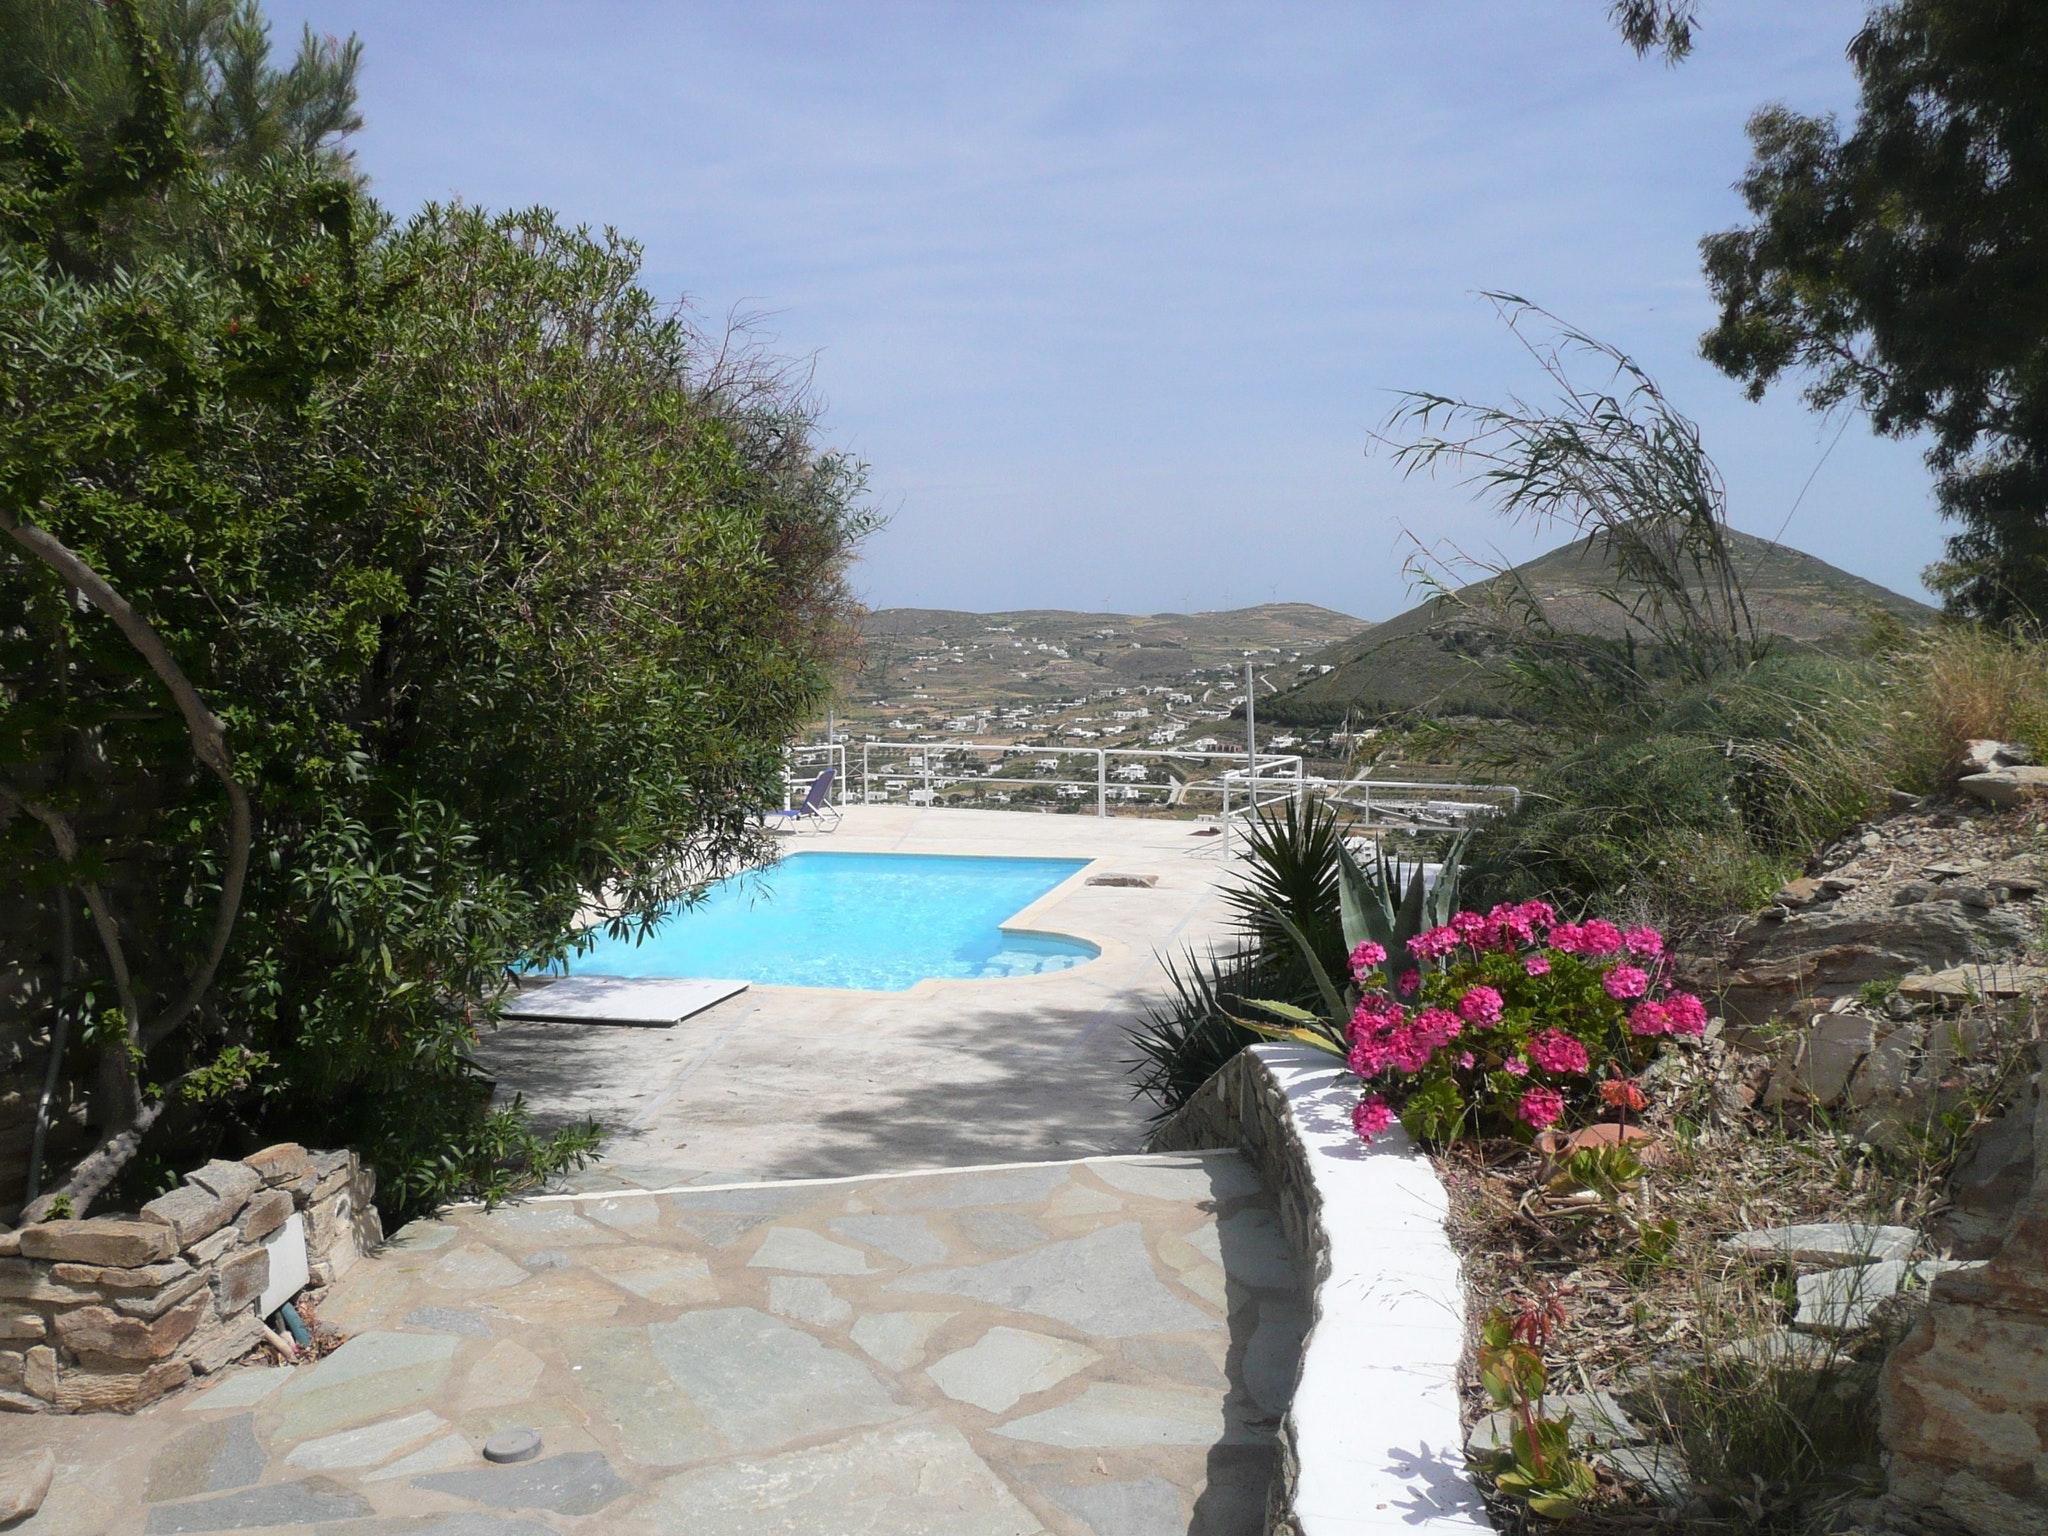 Ferienhaus Villa im Kykladen-Stil auf Paros (Griechenland), mit 2 Schlafzimmern, Gemeinschaftspool &  (2201782), Paros, Paros, Kykladen, Griechenland, Bild 19